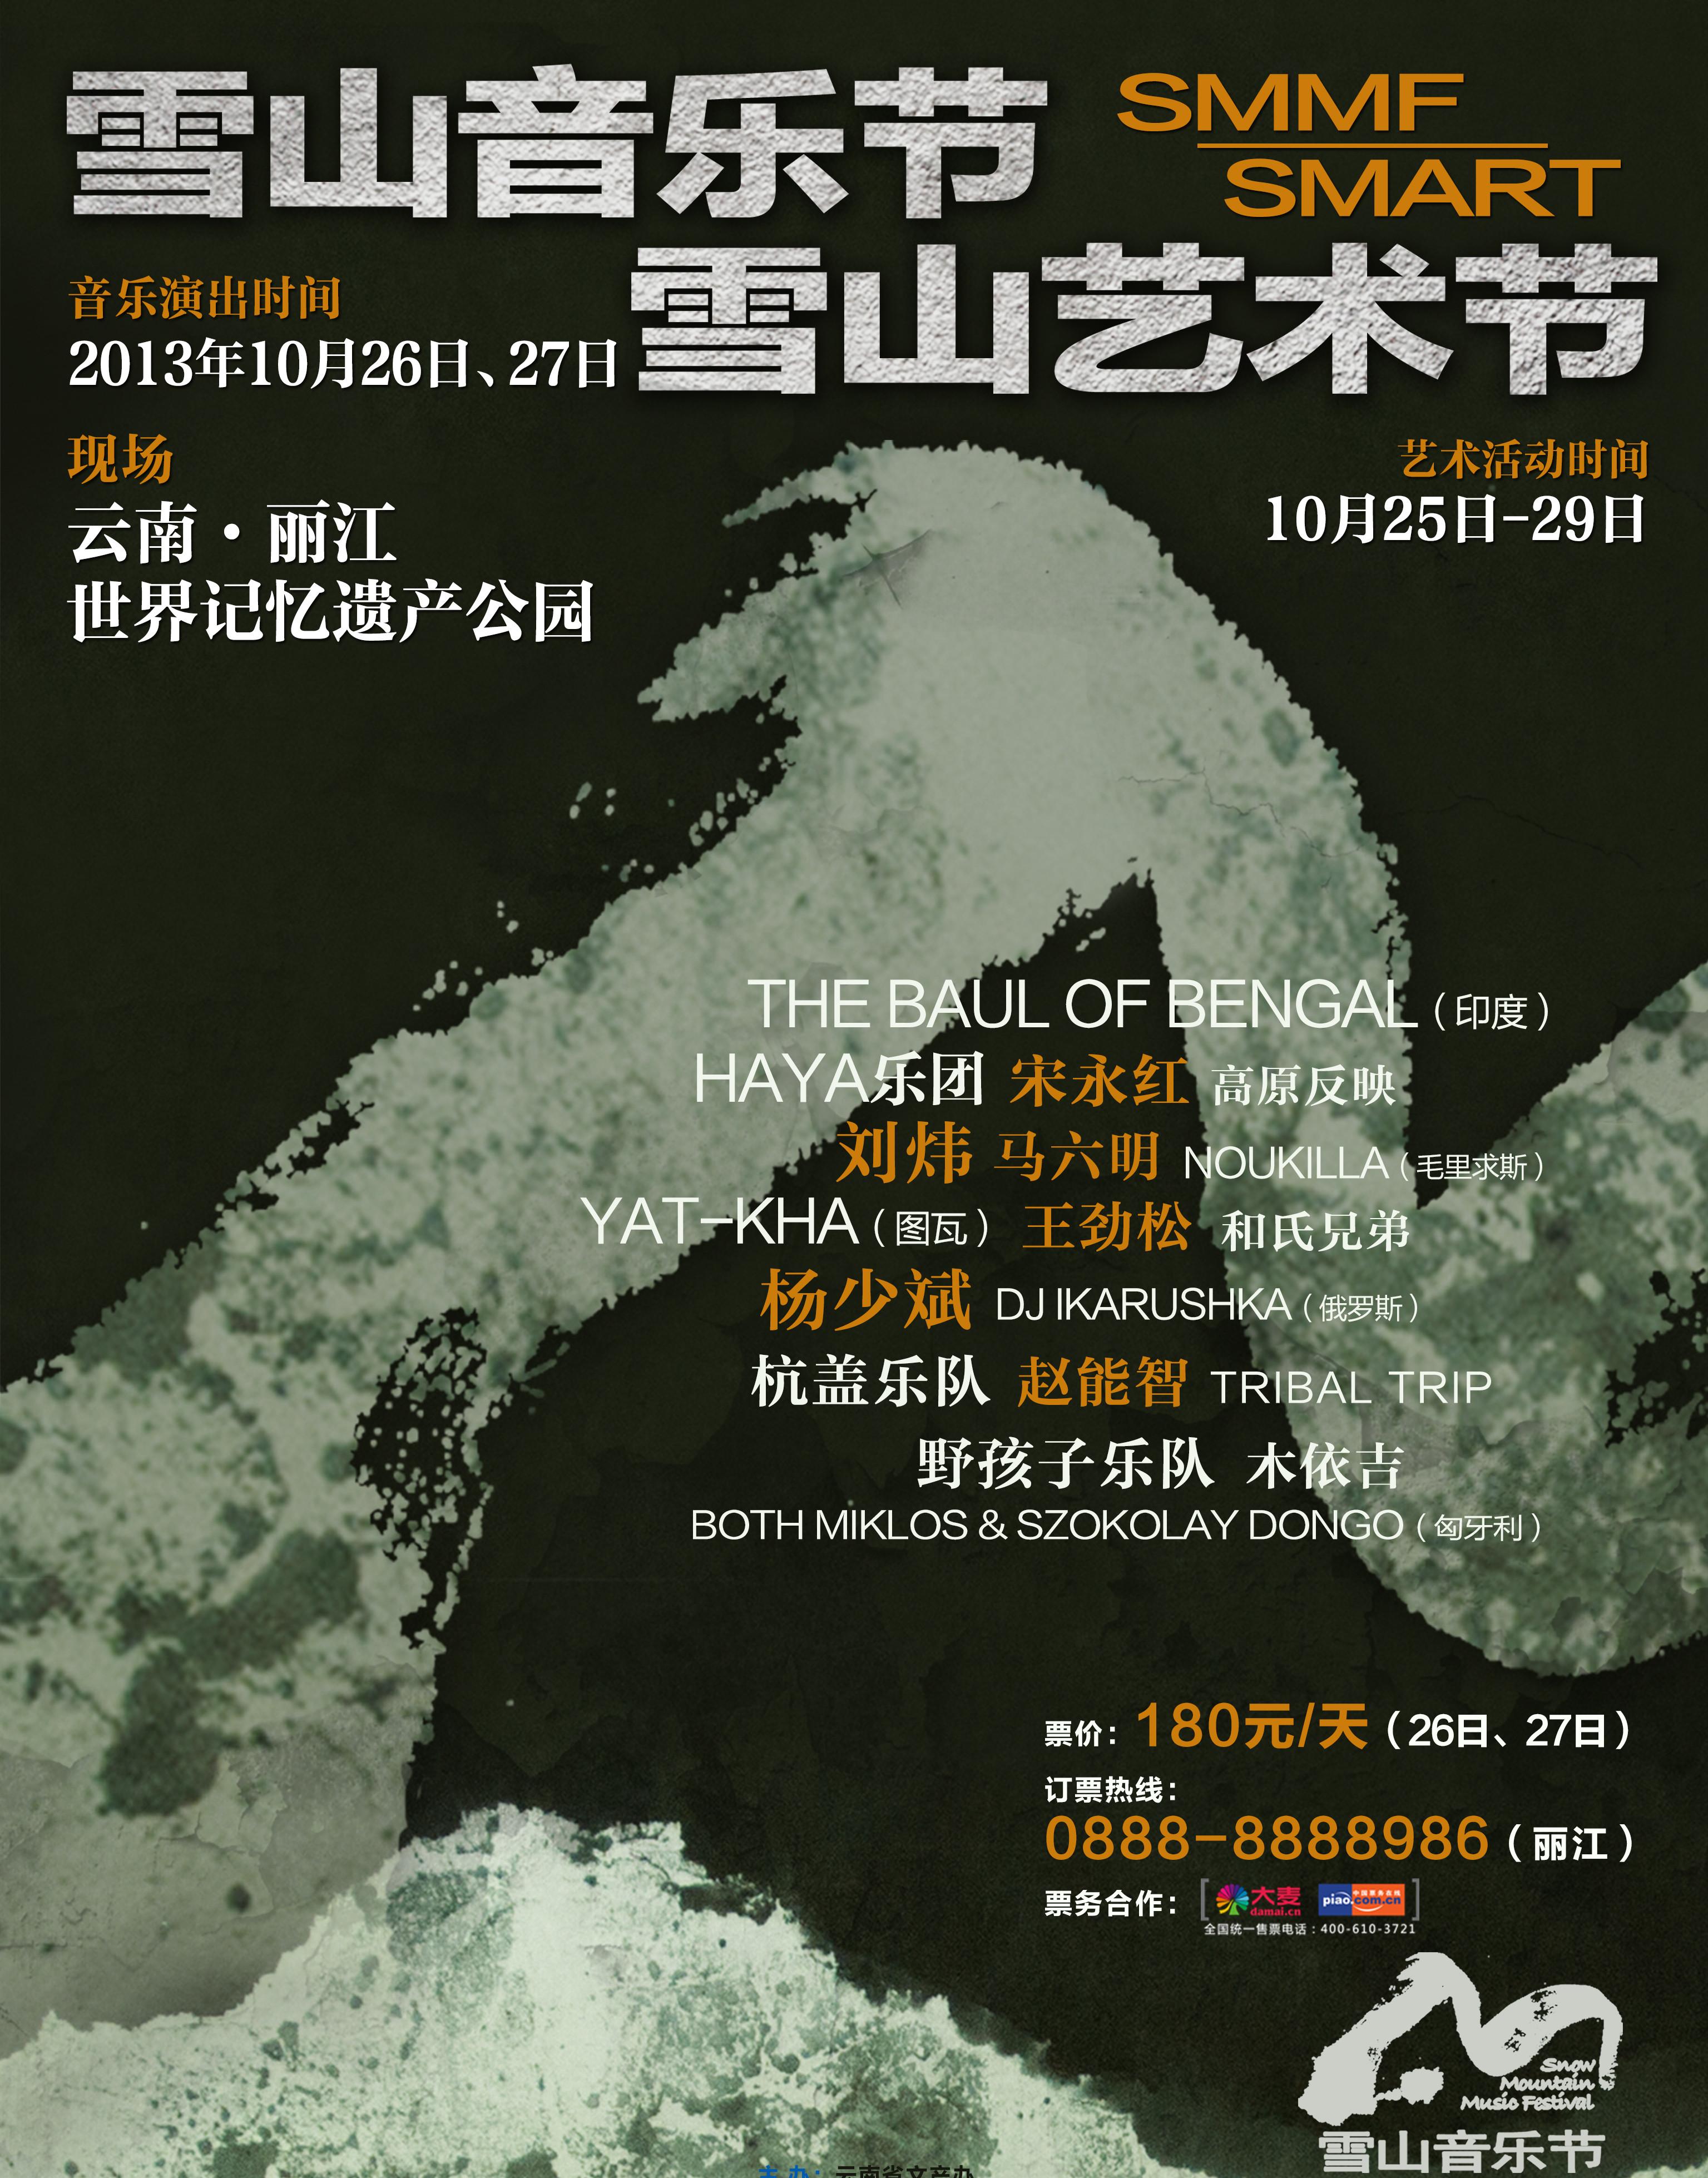 丽江雪山音乐节视频_2013雪山音乐节_影音娱乐_音乐_新浪网